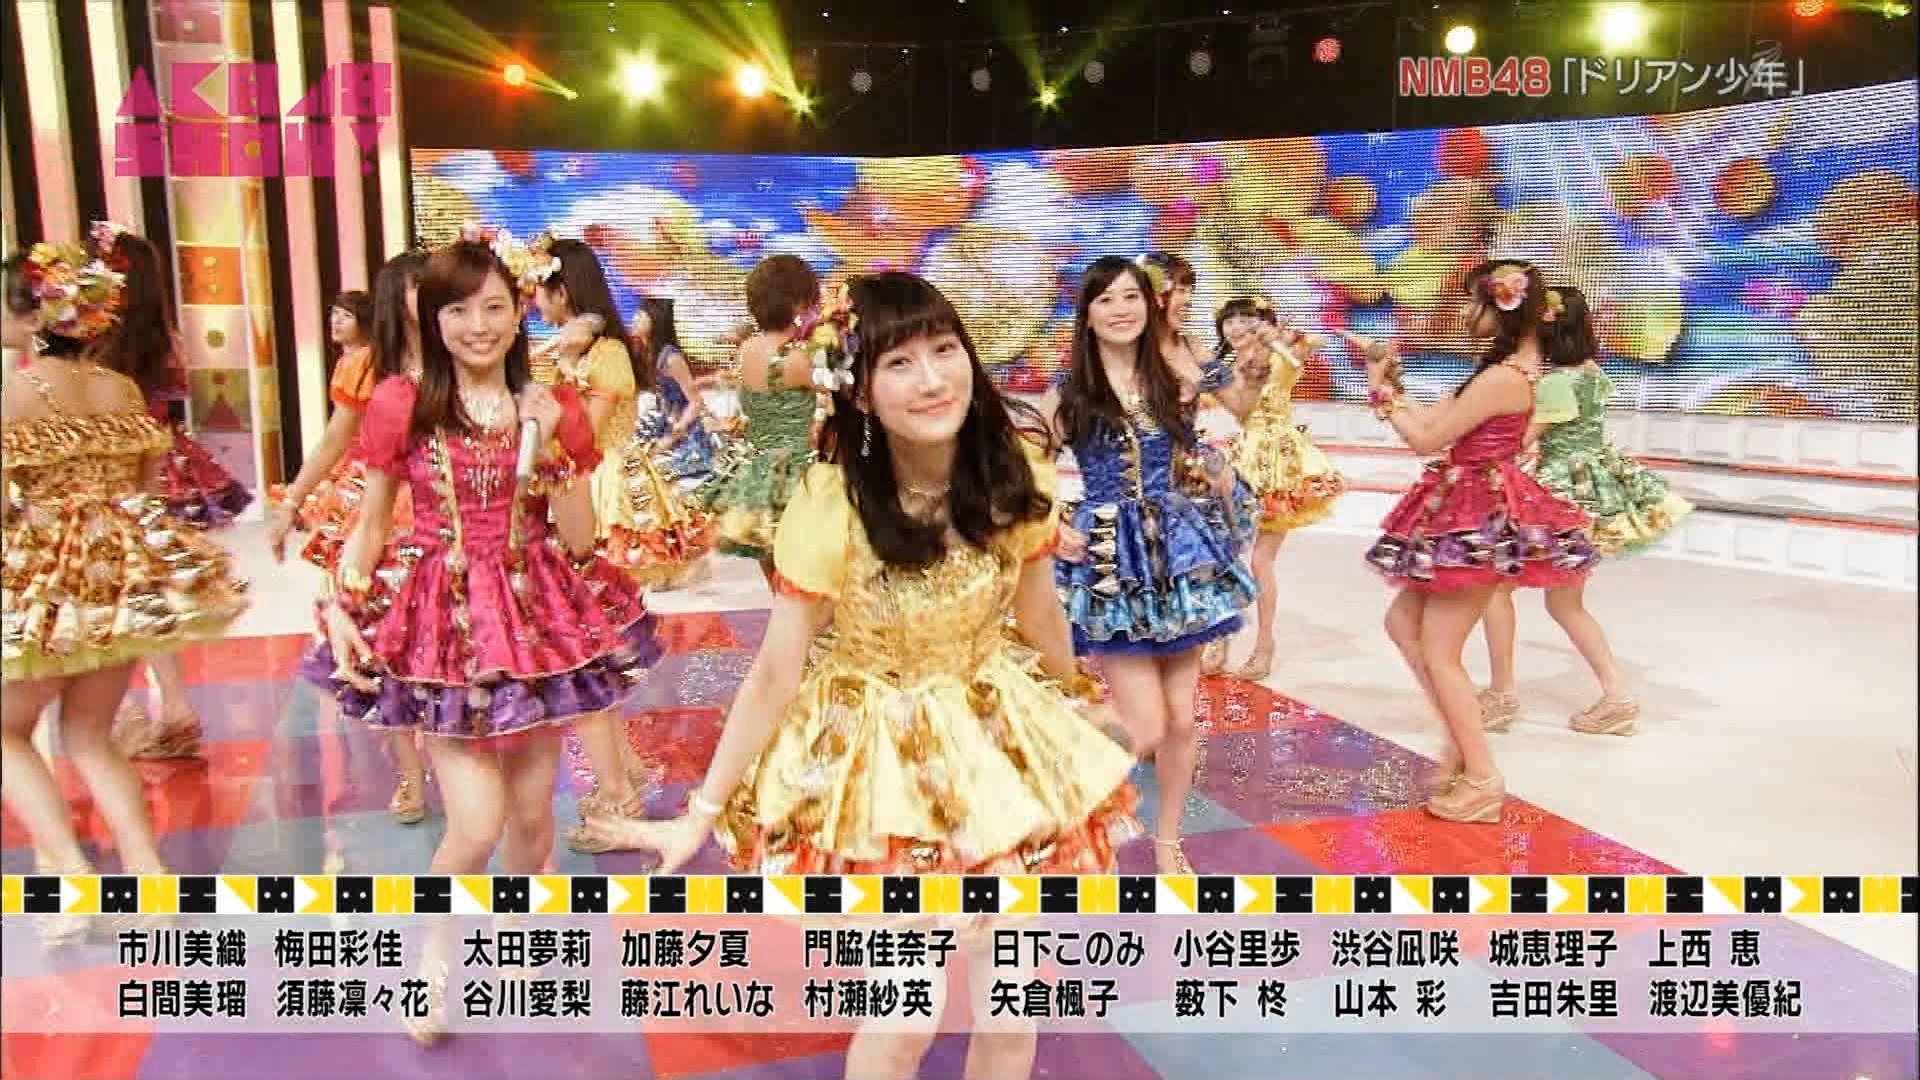 矢倉楓子 NMB48ドリアン少年 AKB48SHOW20150613 (7)